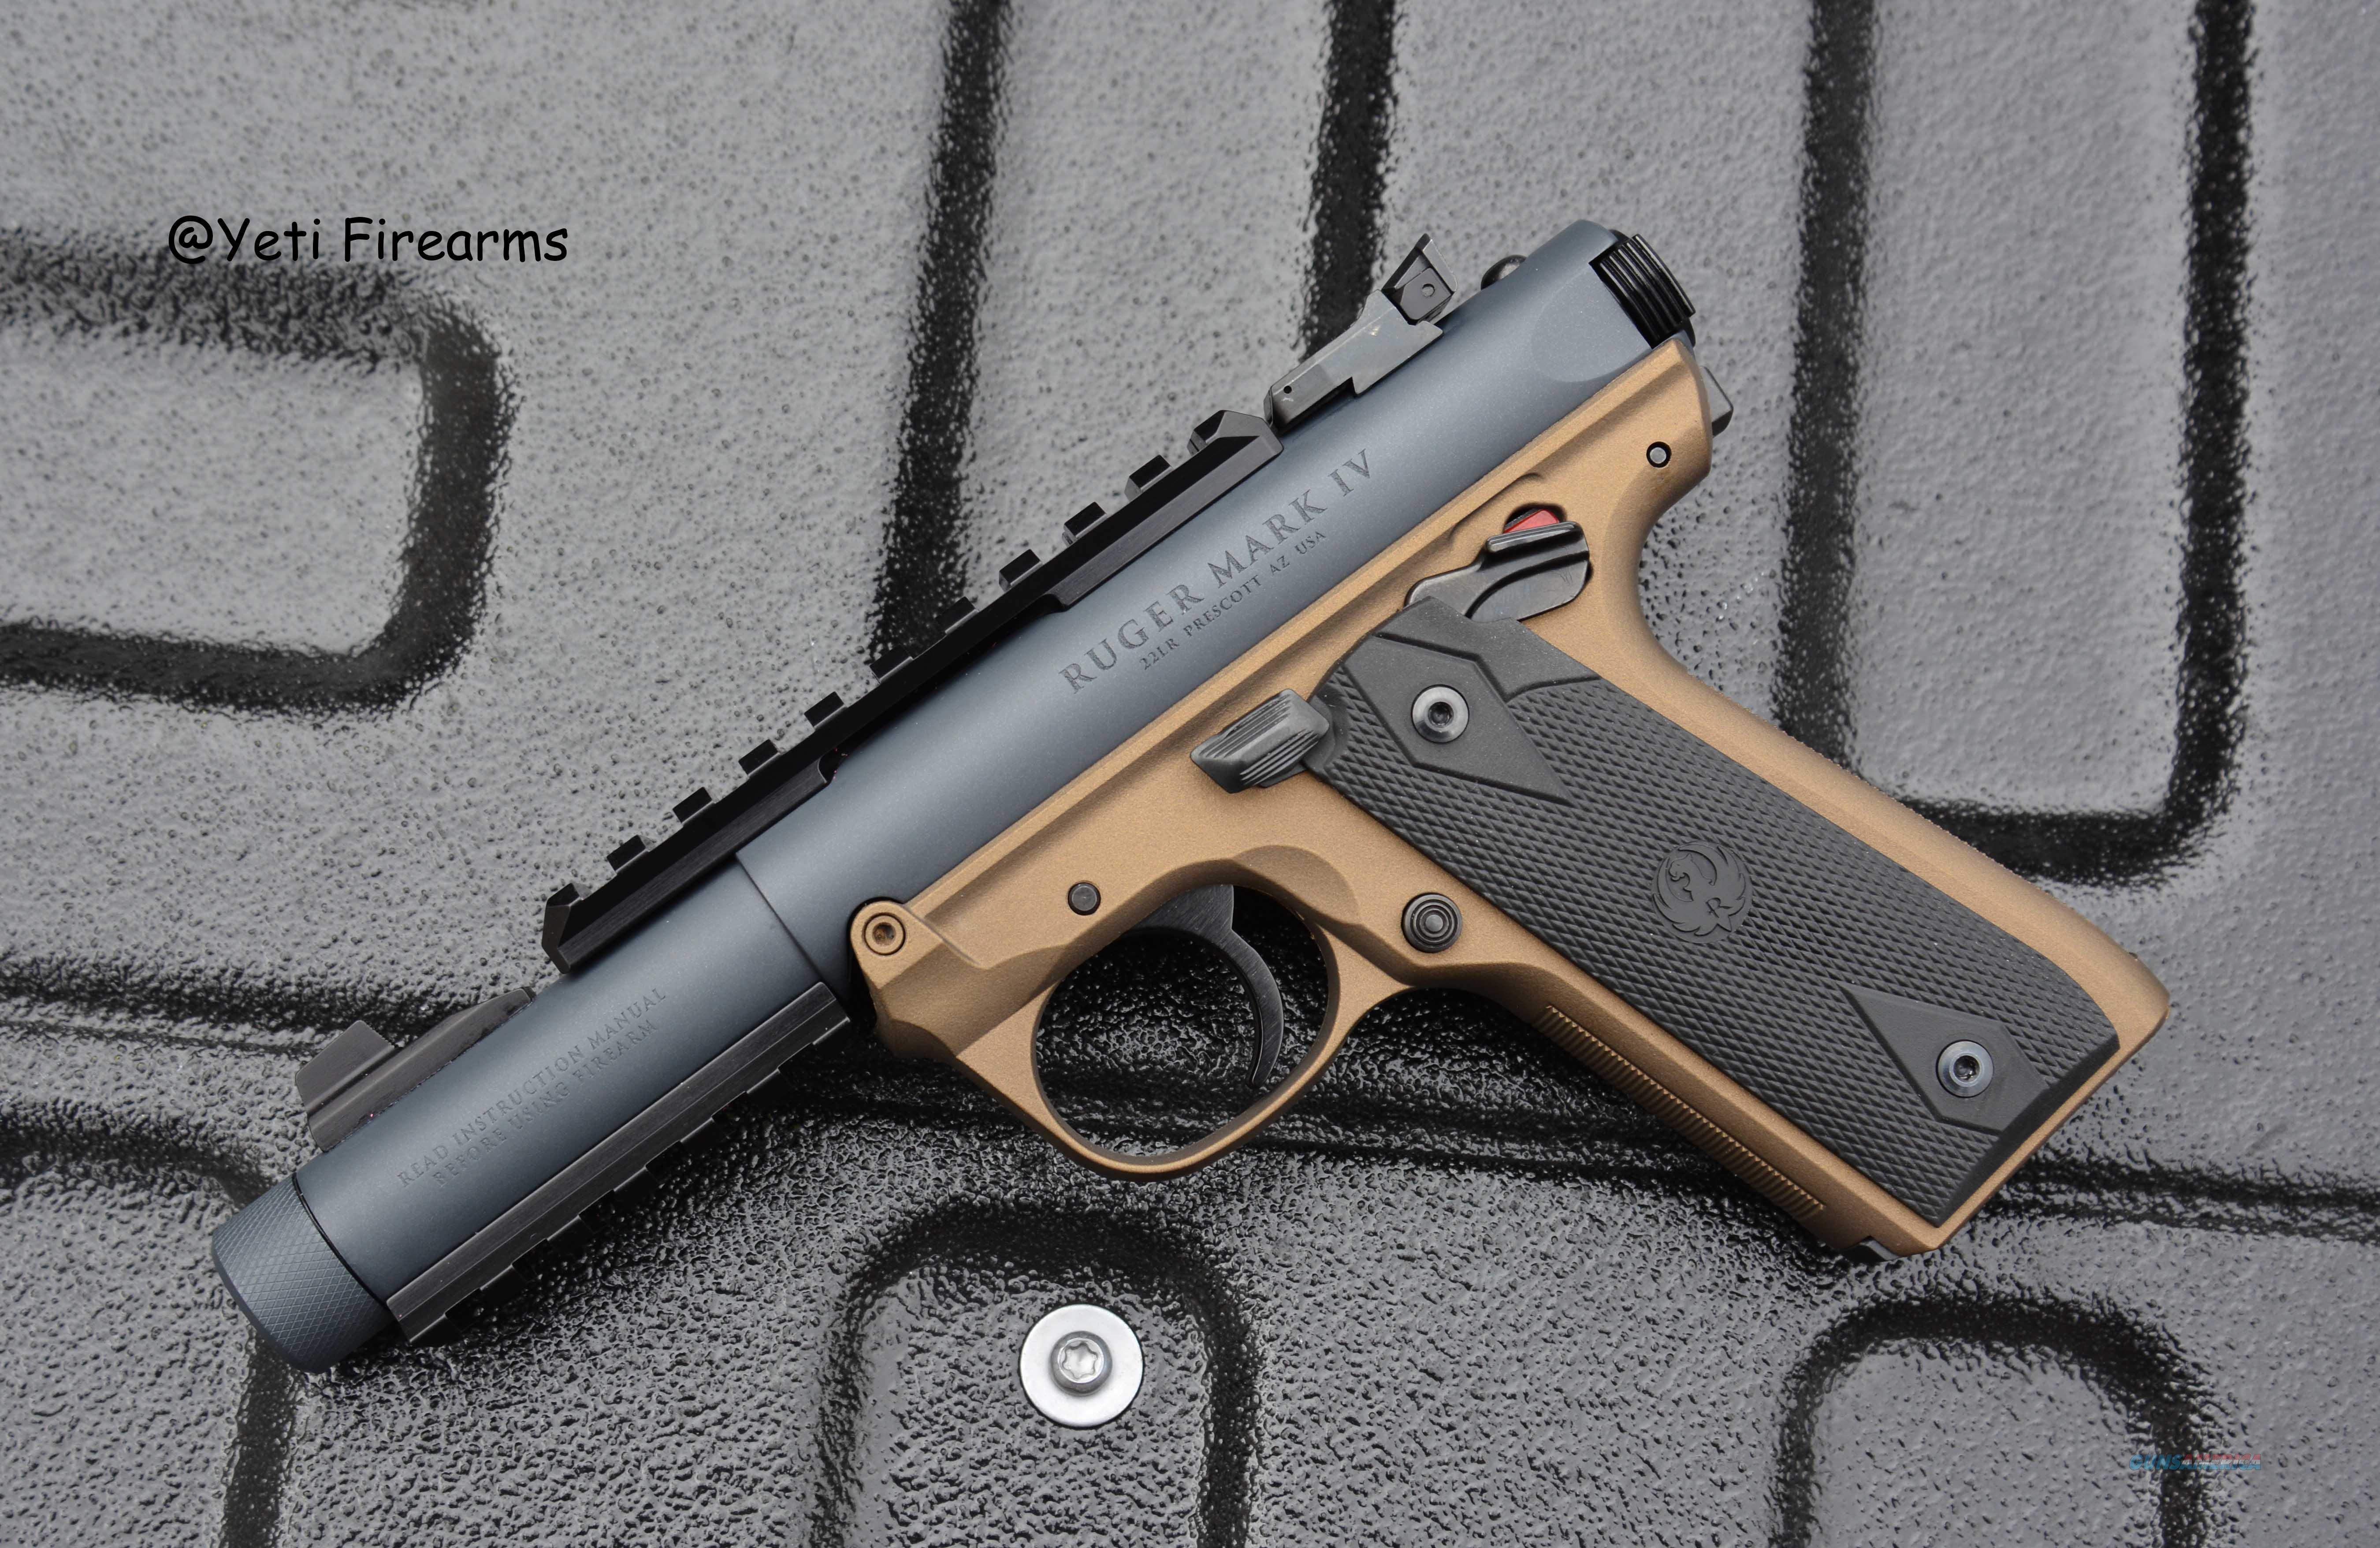 Ruger Mark IV 22/45 Tactical .22 LR Gray / Bronze  Guns > Pistols > Heckler & Koch Pistols > Polymer Frame